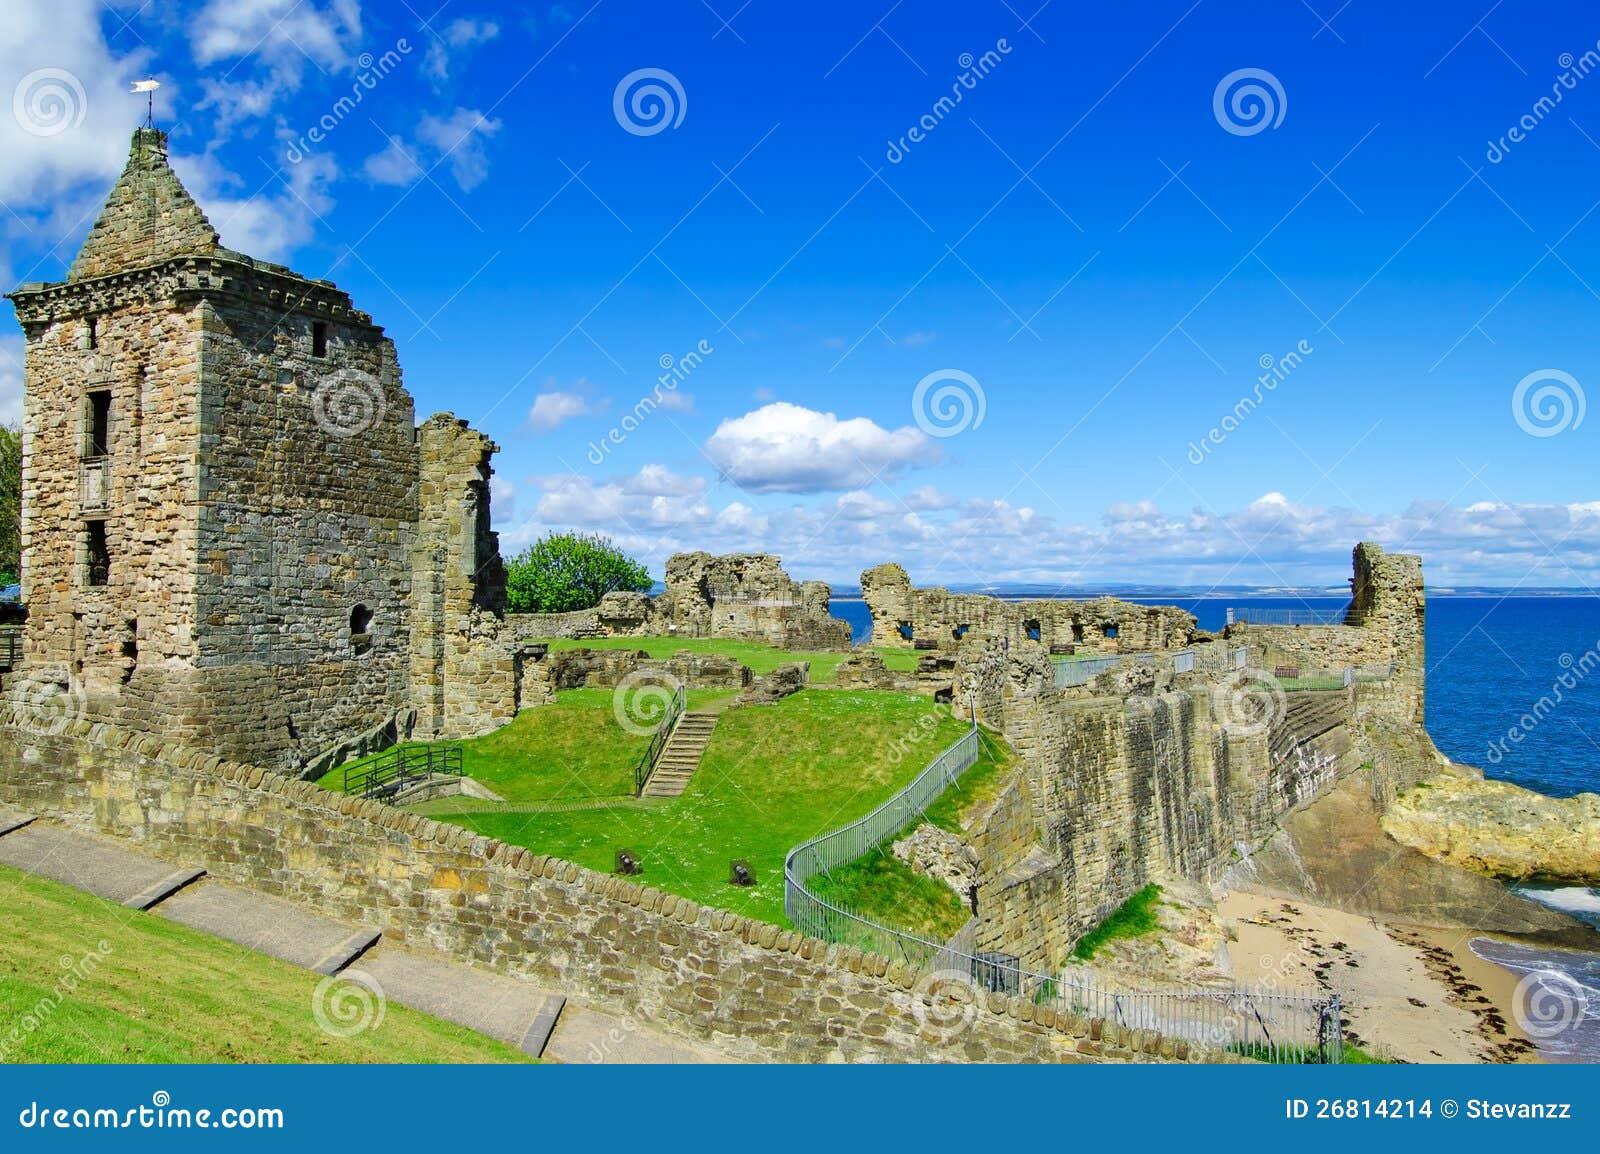 St Andrews het Kasteel ruïneert oriëntatiepunt. Fife, Schotland.